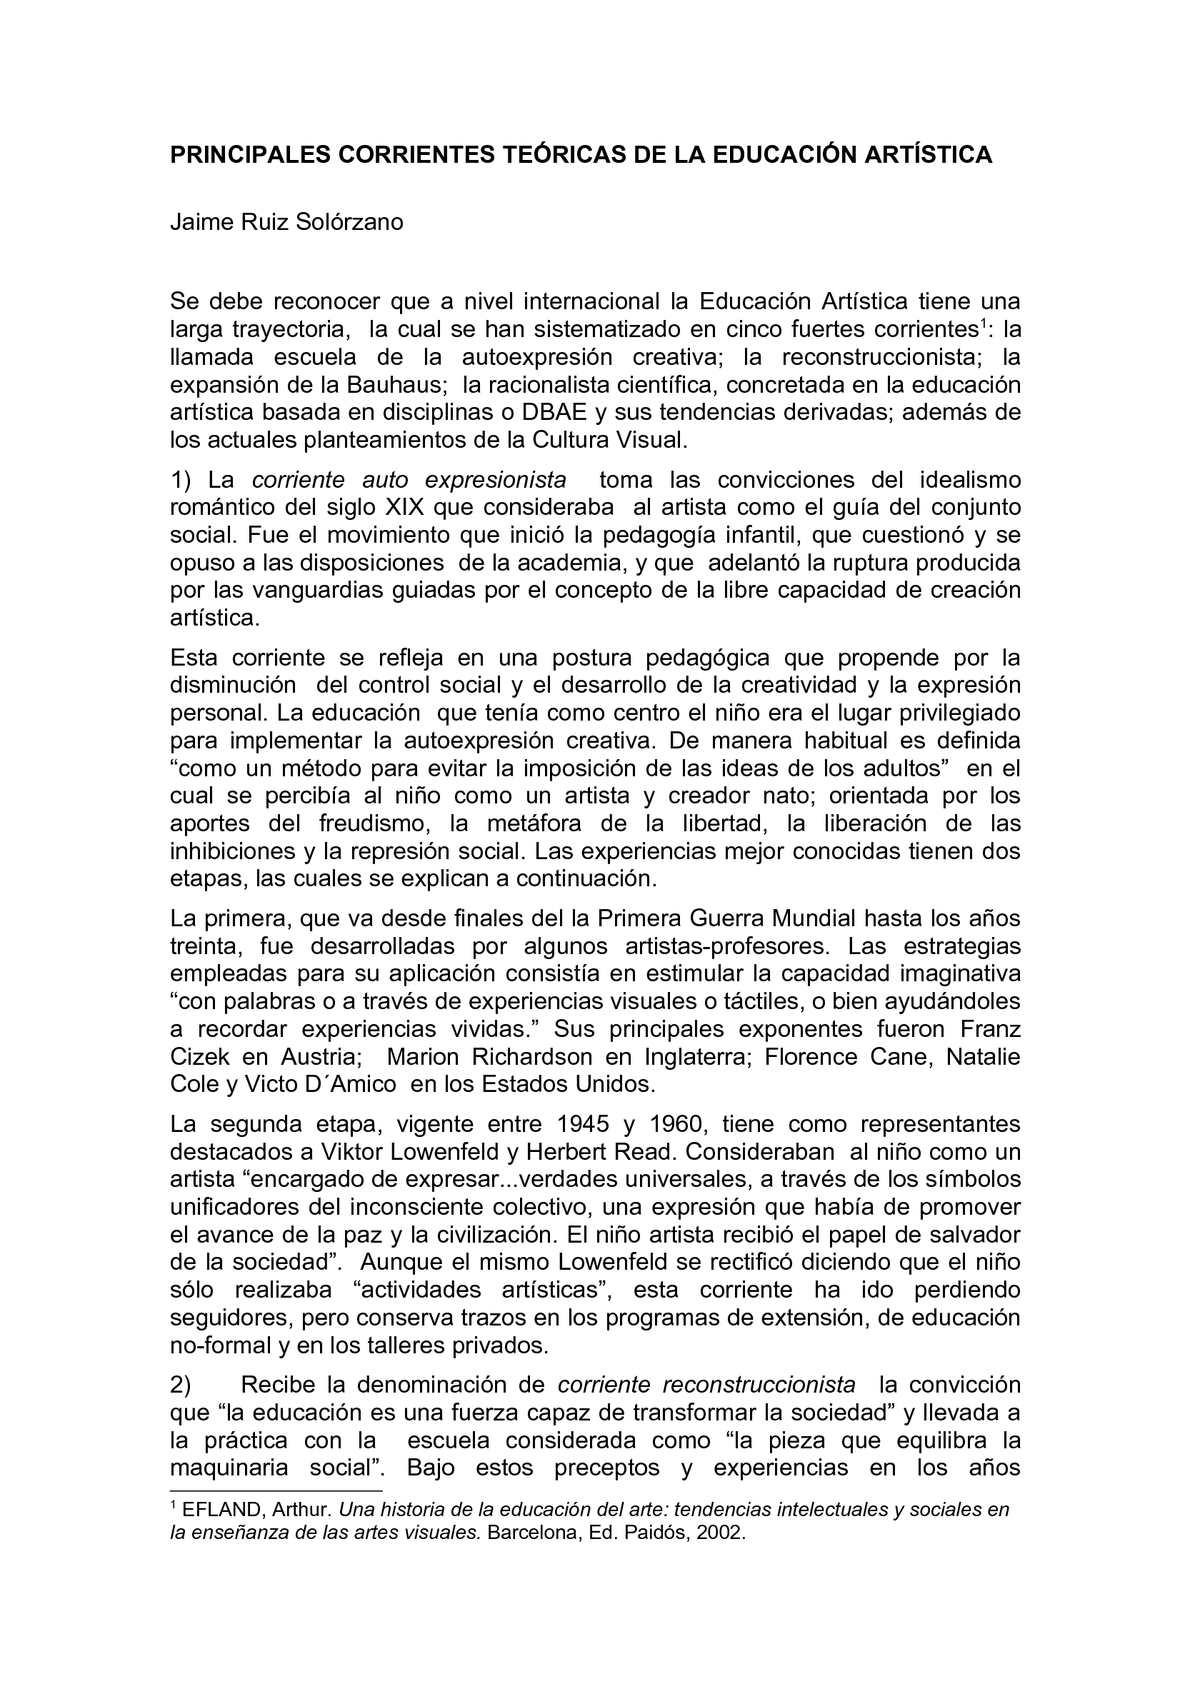 CORRIENTES TEÓRICAS DE LA EDUCACIÓN ARTÍSTICA